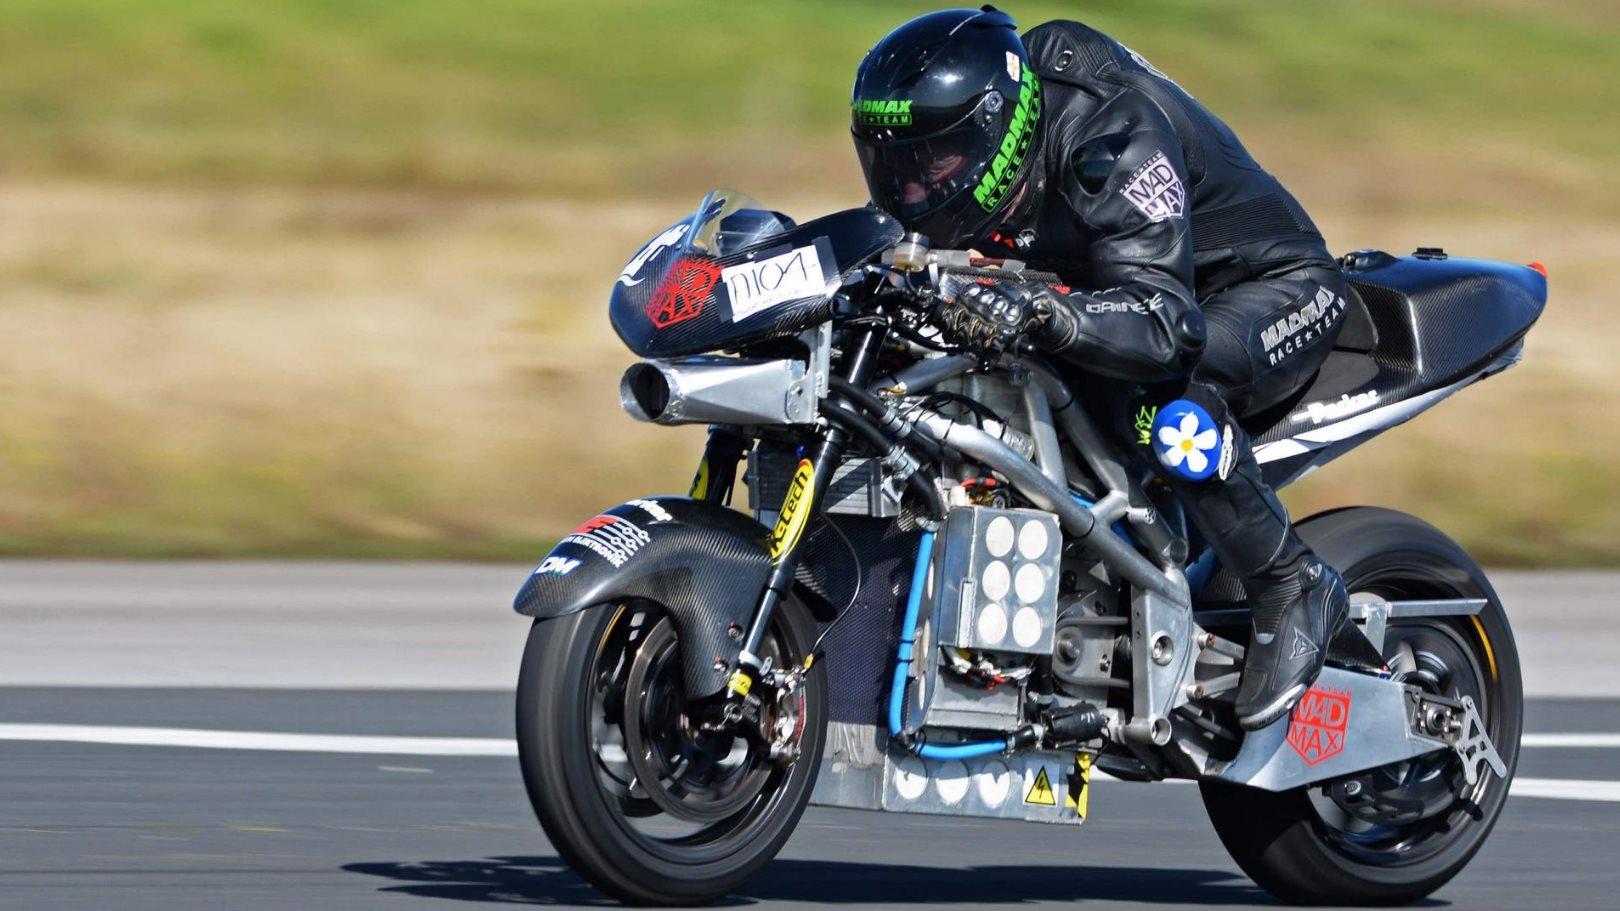 La moto eléctrica que superó los 300 km/h